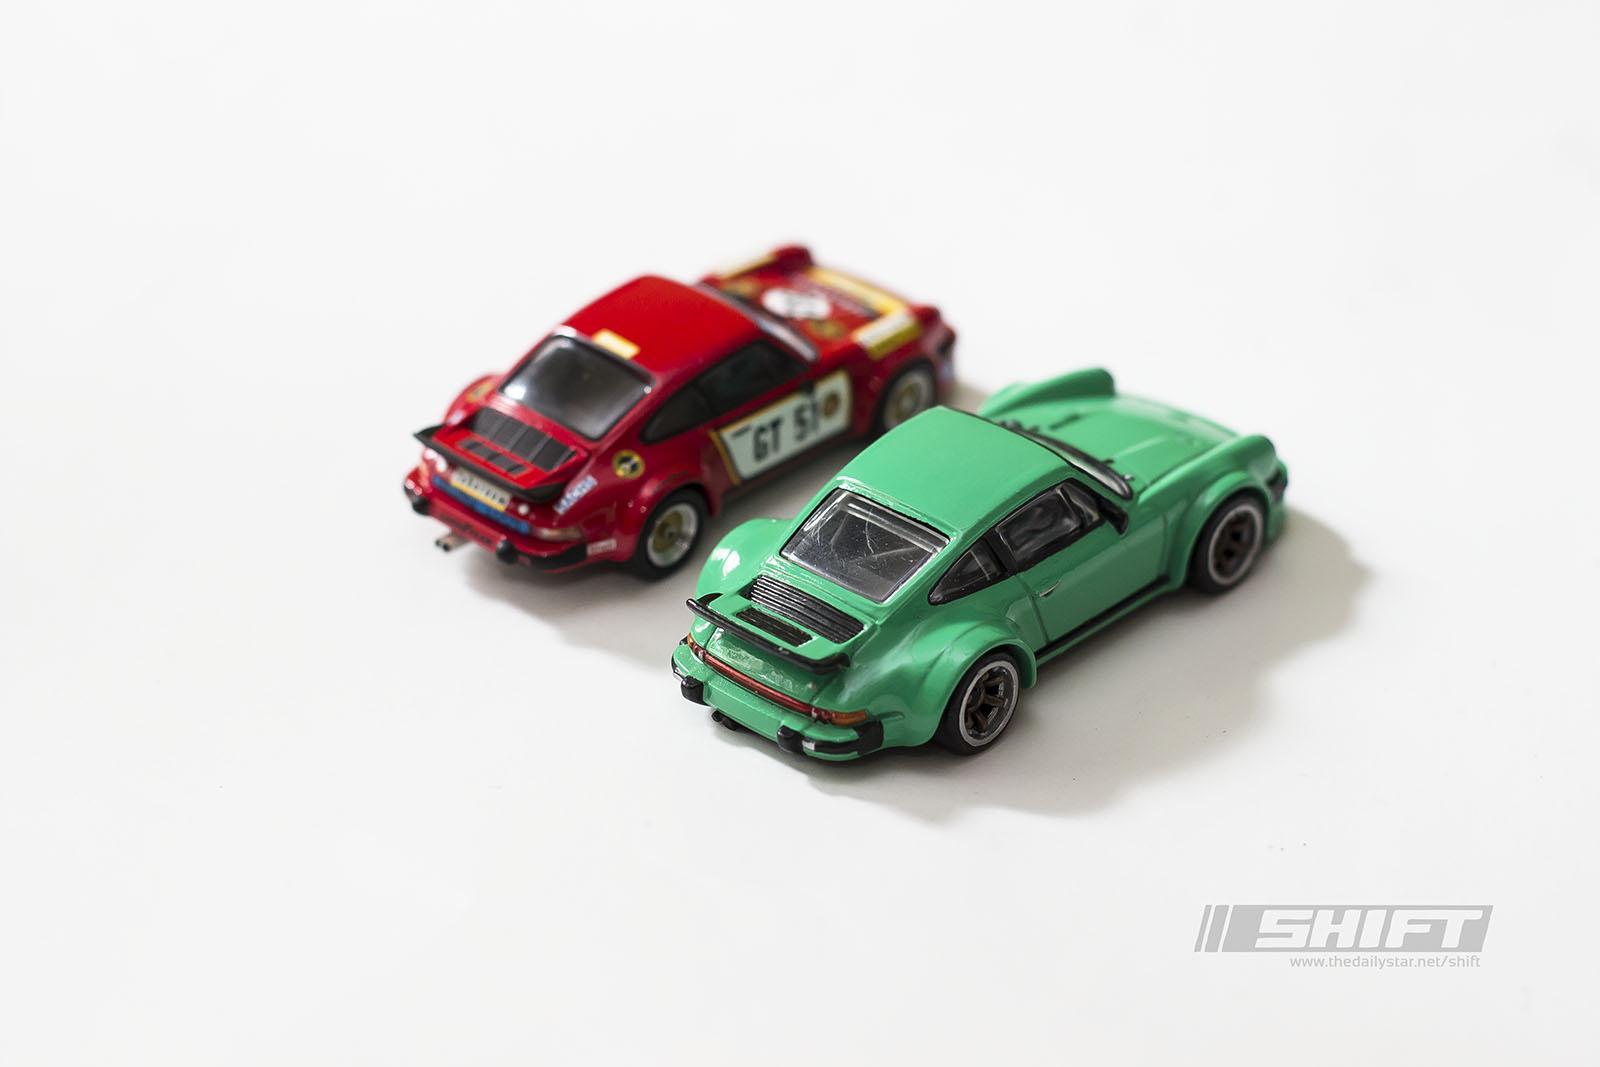 Porsche 934 - 911 - SHift - Ehsanur Razsa Ronny e.jpg